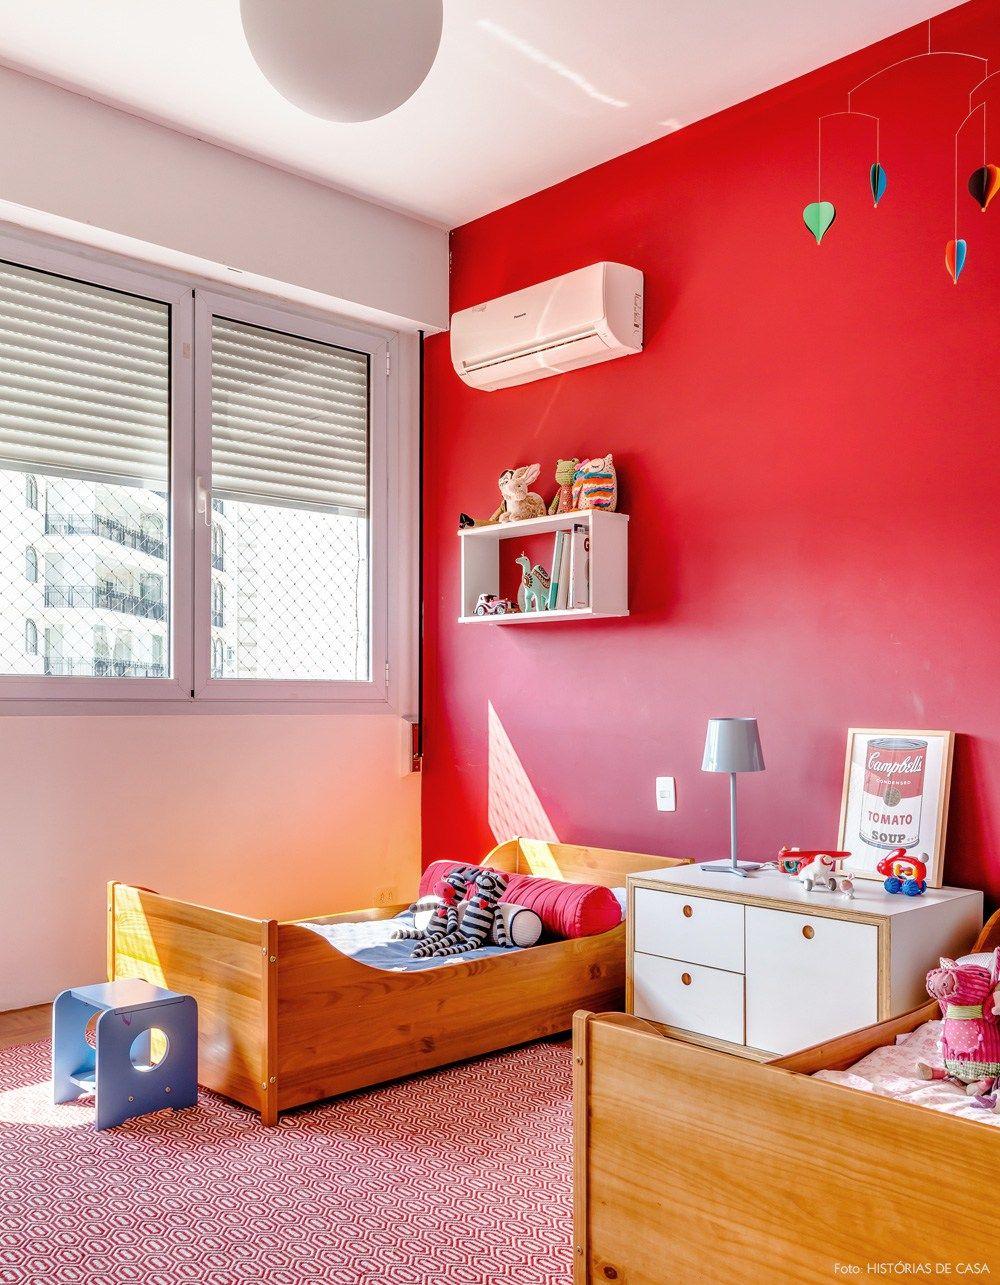 Quarto Infantil Tem Parede Vermelha, Tapete Estampado Na Mesma Cor E Camas  De Madeira.